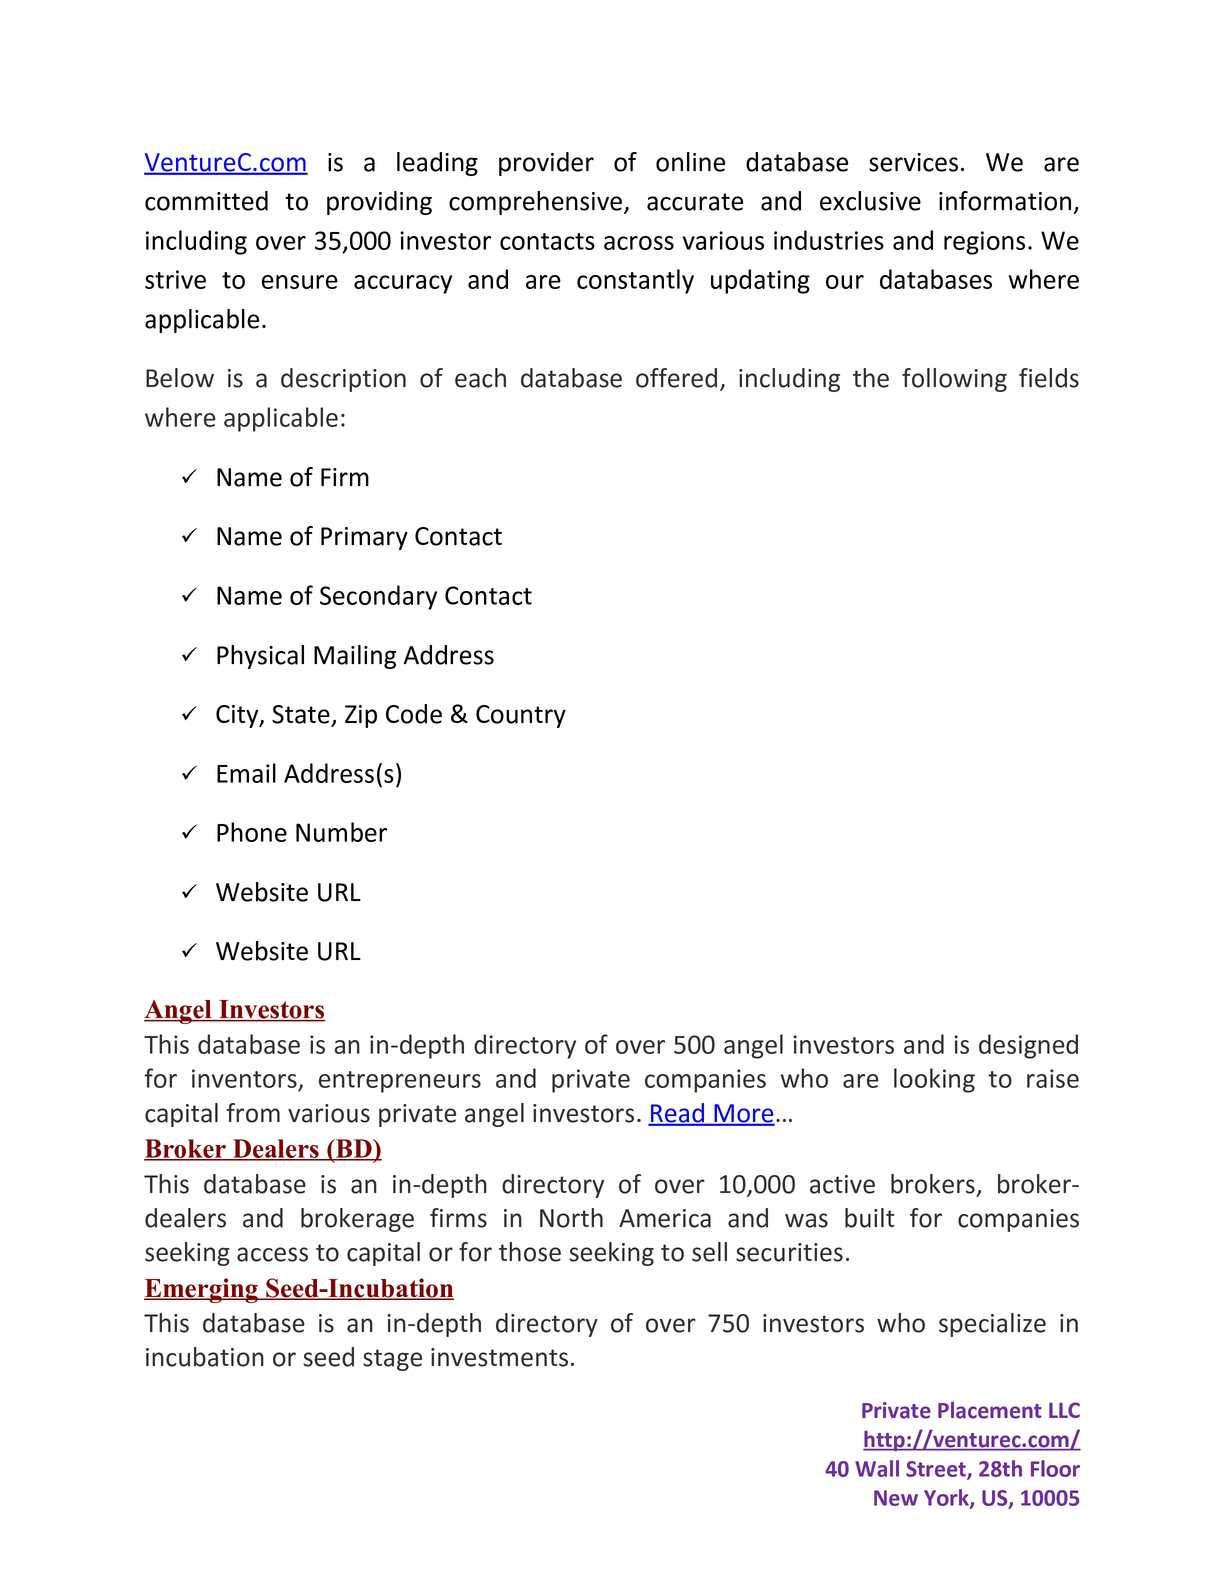 Calaméo - Venture Capital Funding